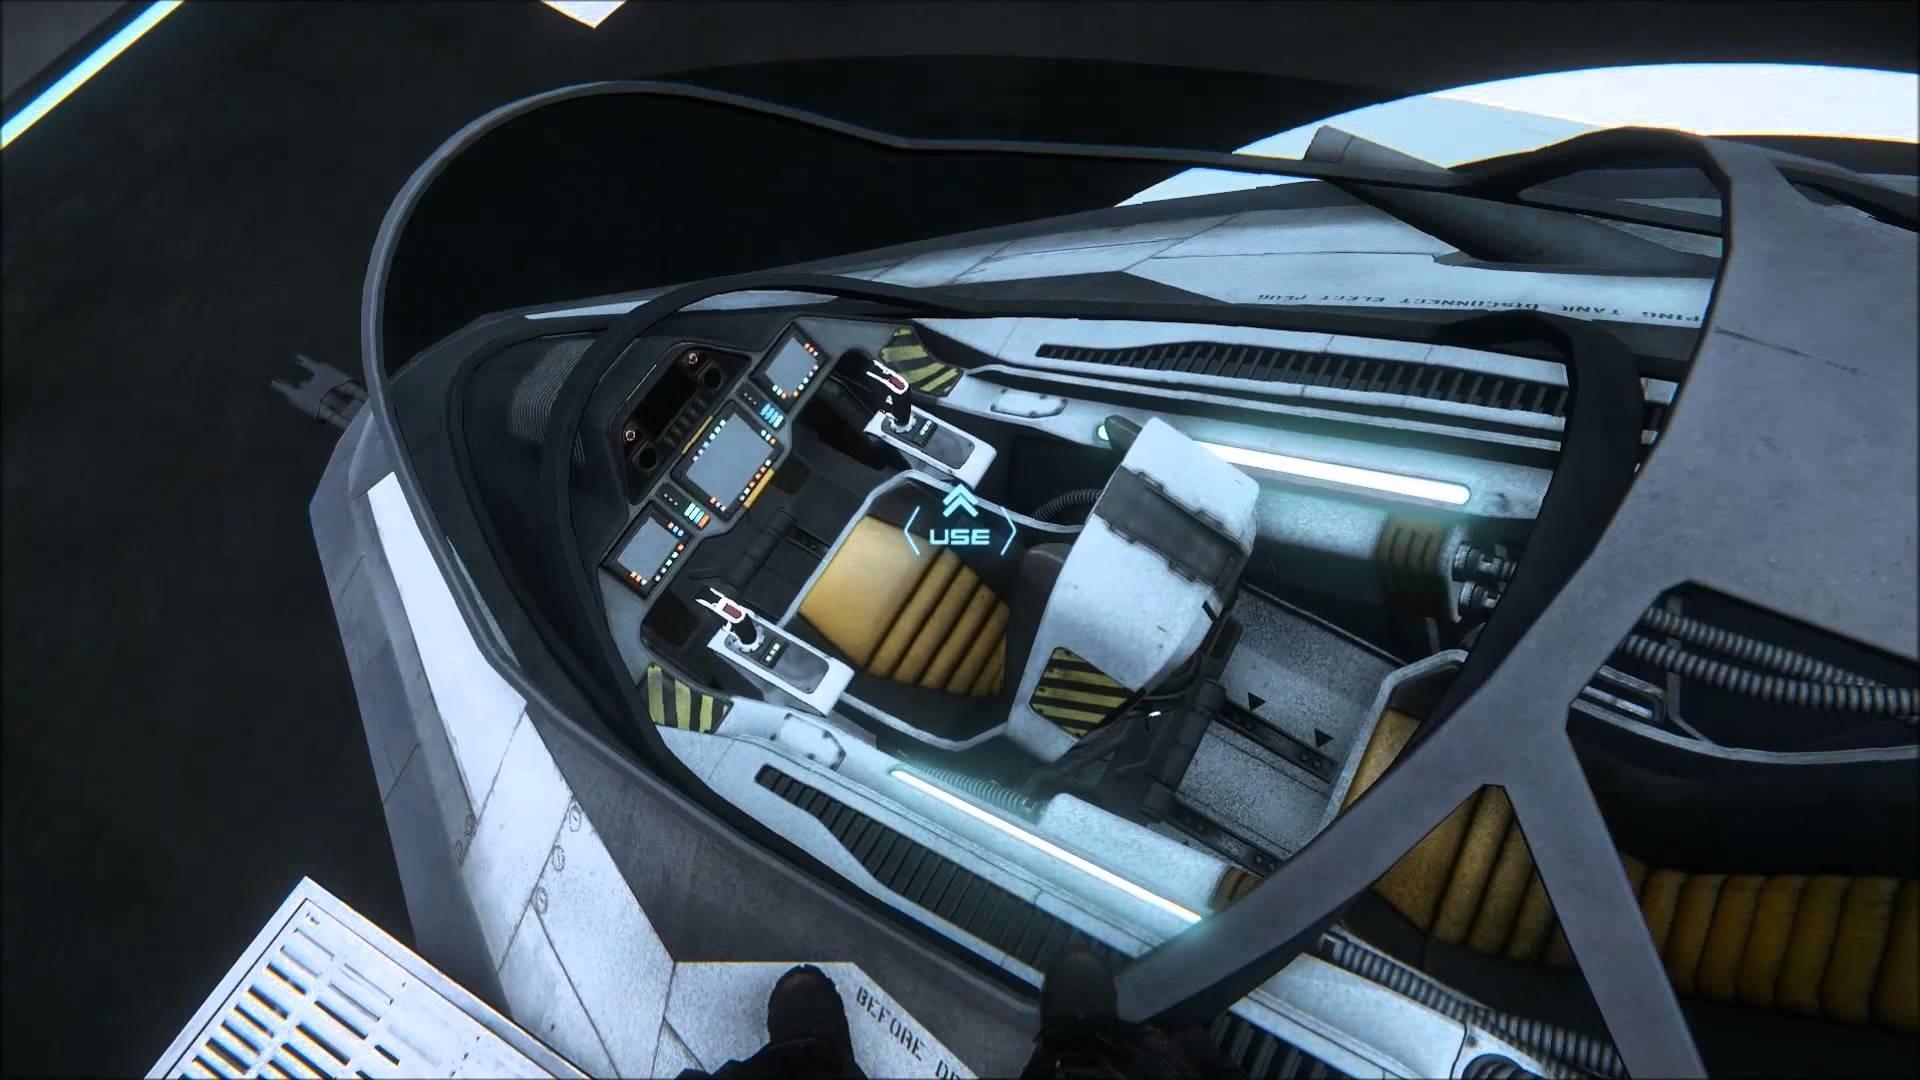 Spaceship Cockpit Wallpaper